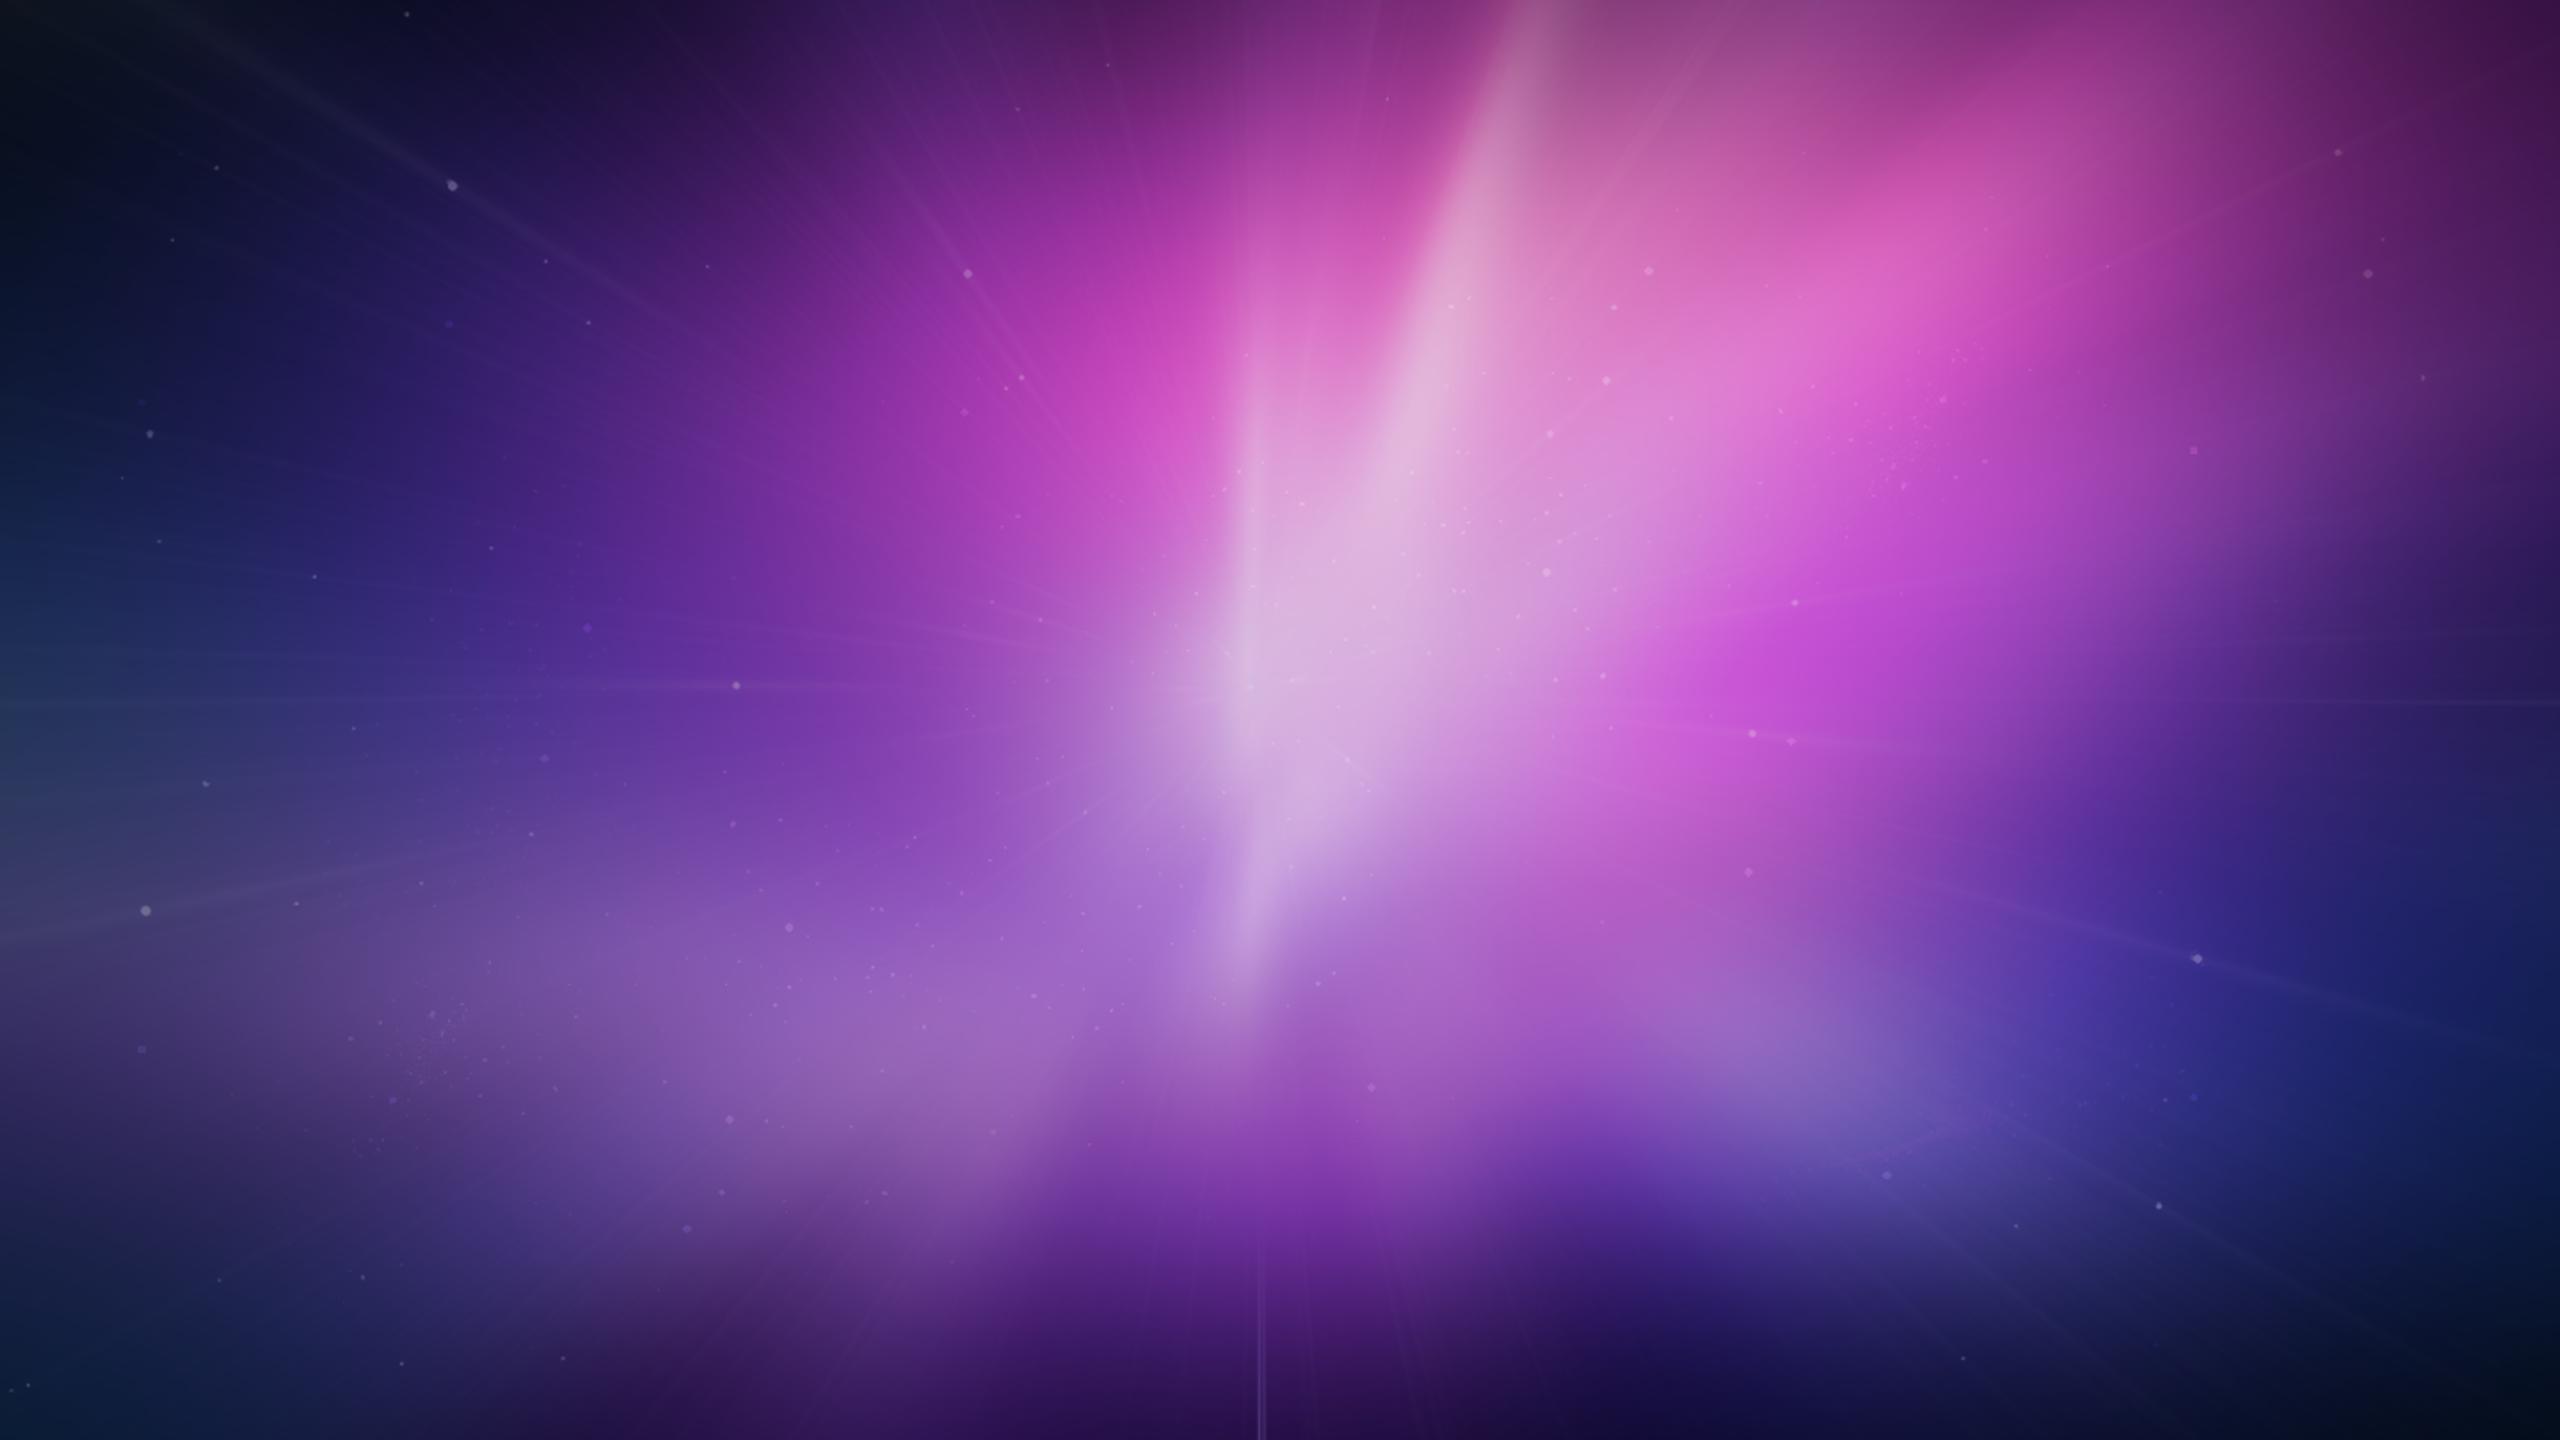 MacBook Air Wallpaper HD - WallpaperSafari